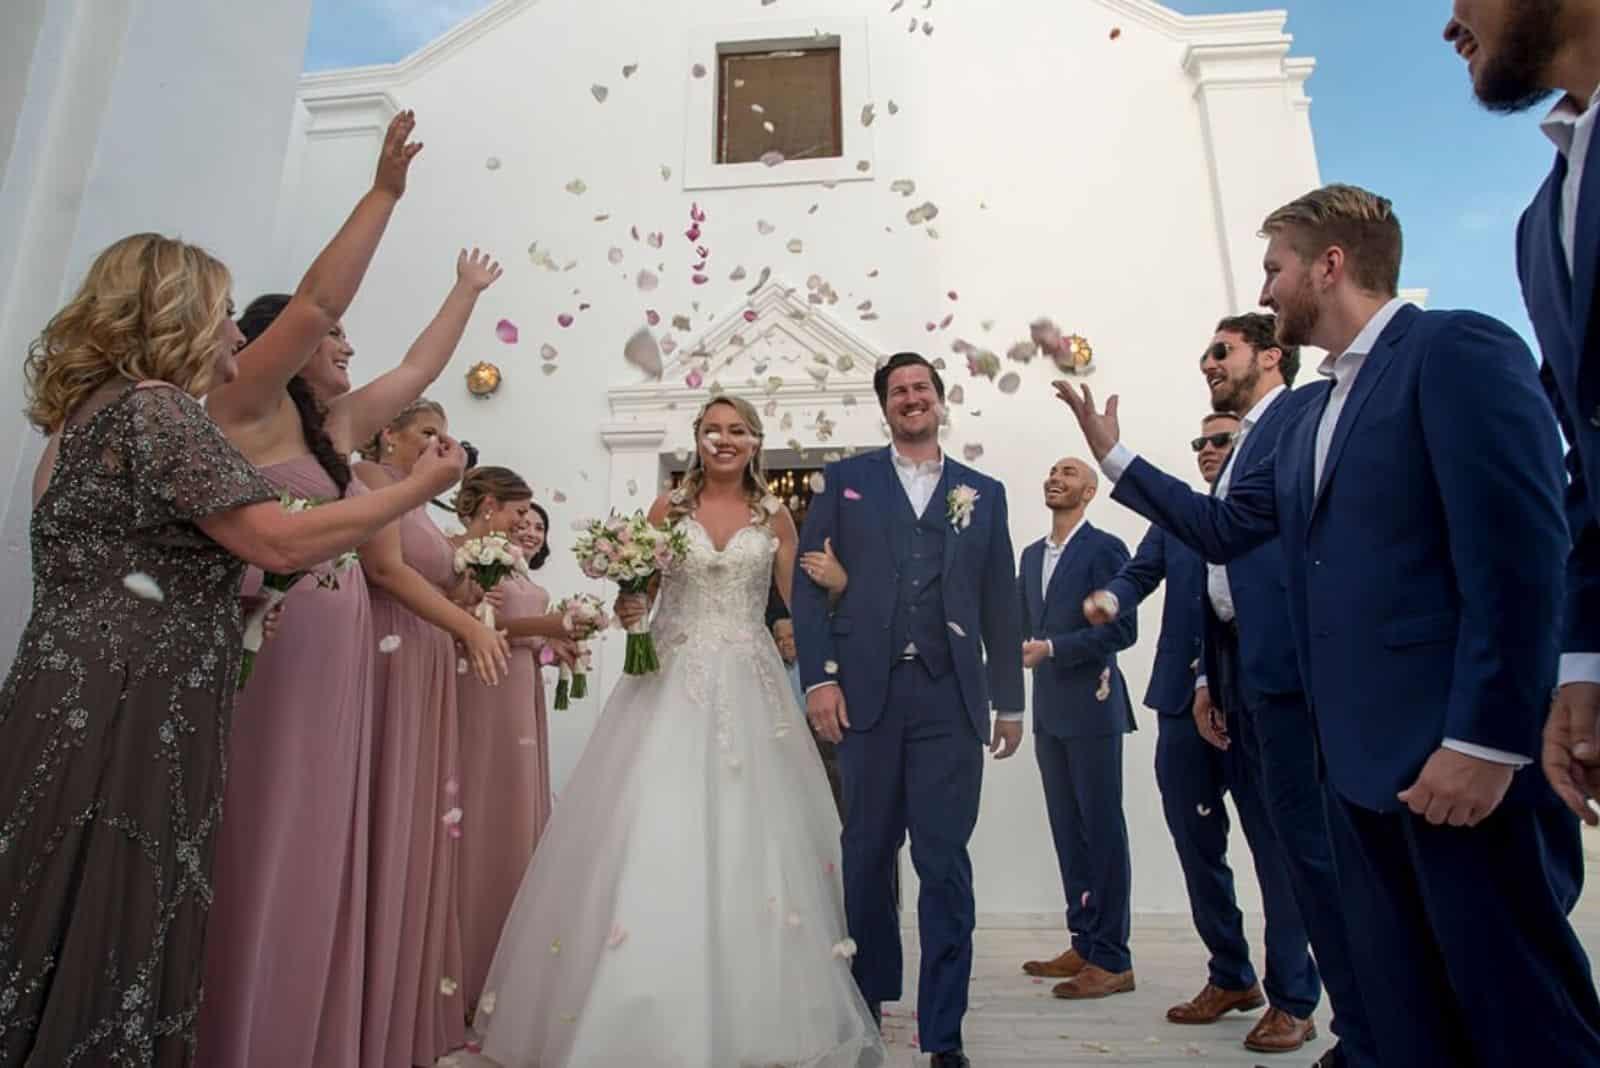 Das Brautpaar verlässt die Kirche nach der Hochzeit